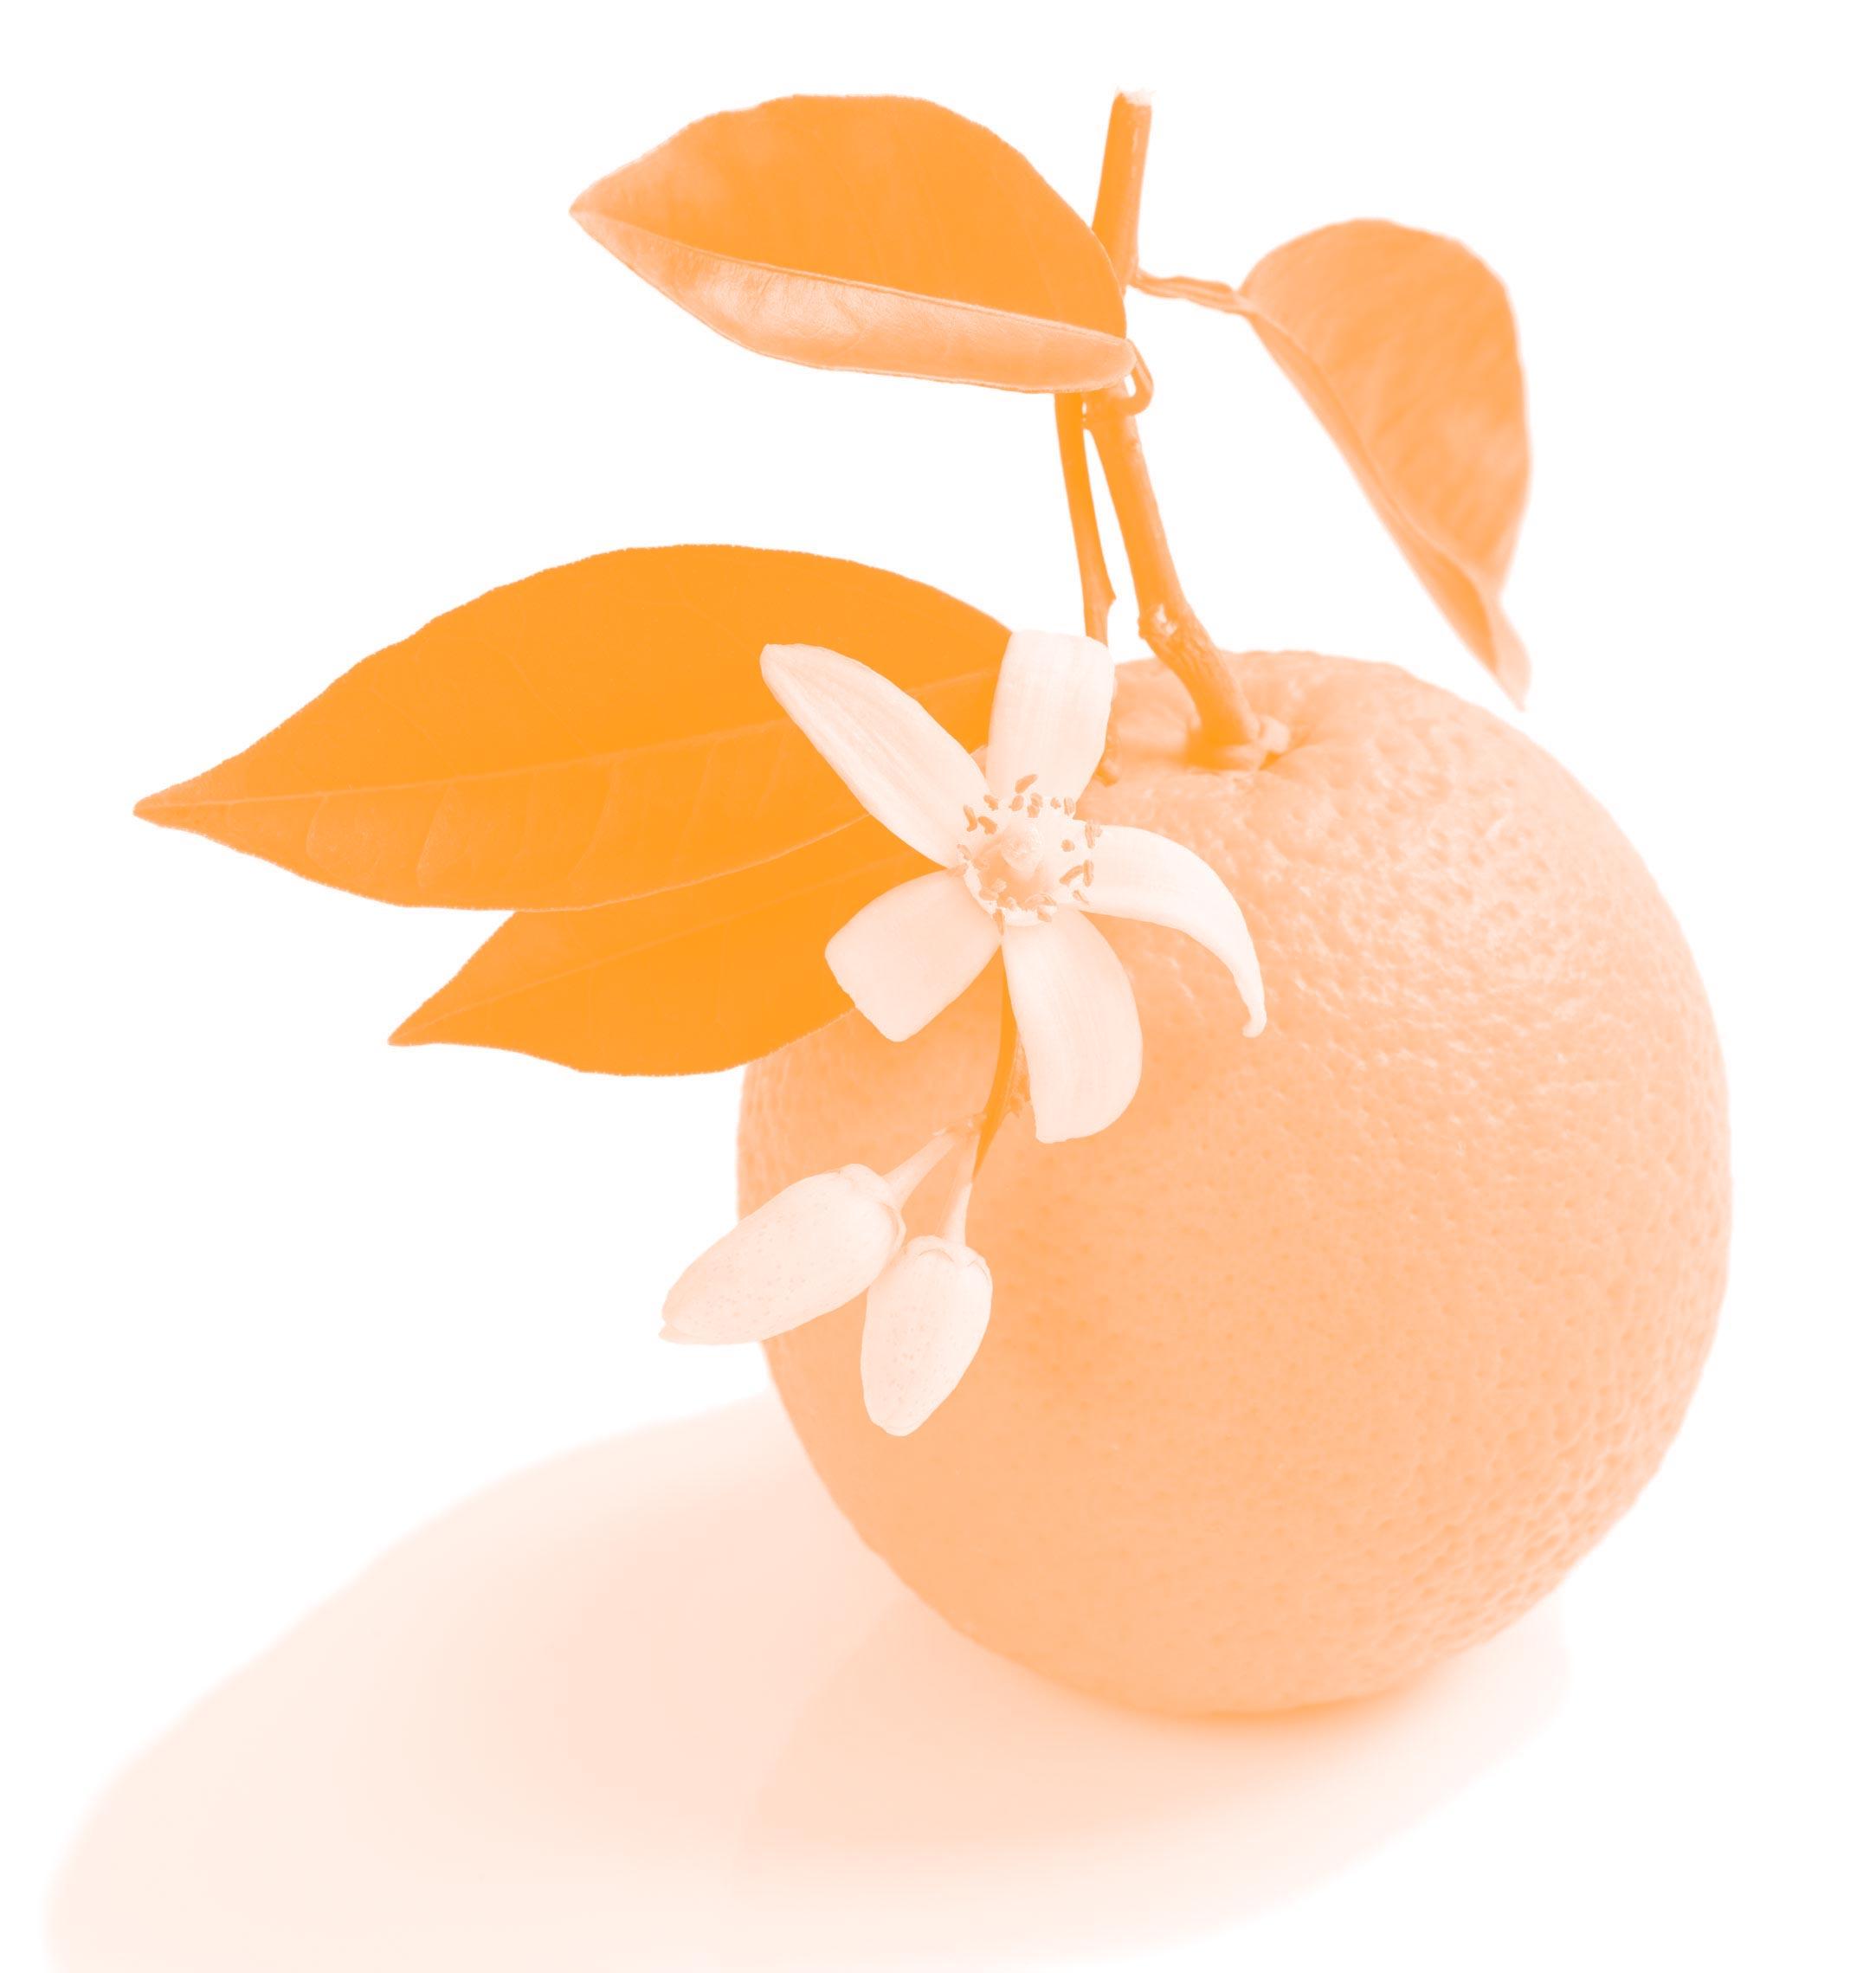 апельсин цитрус эфирное масло ароматерапия аромамасло масло аромат